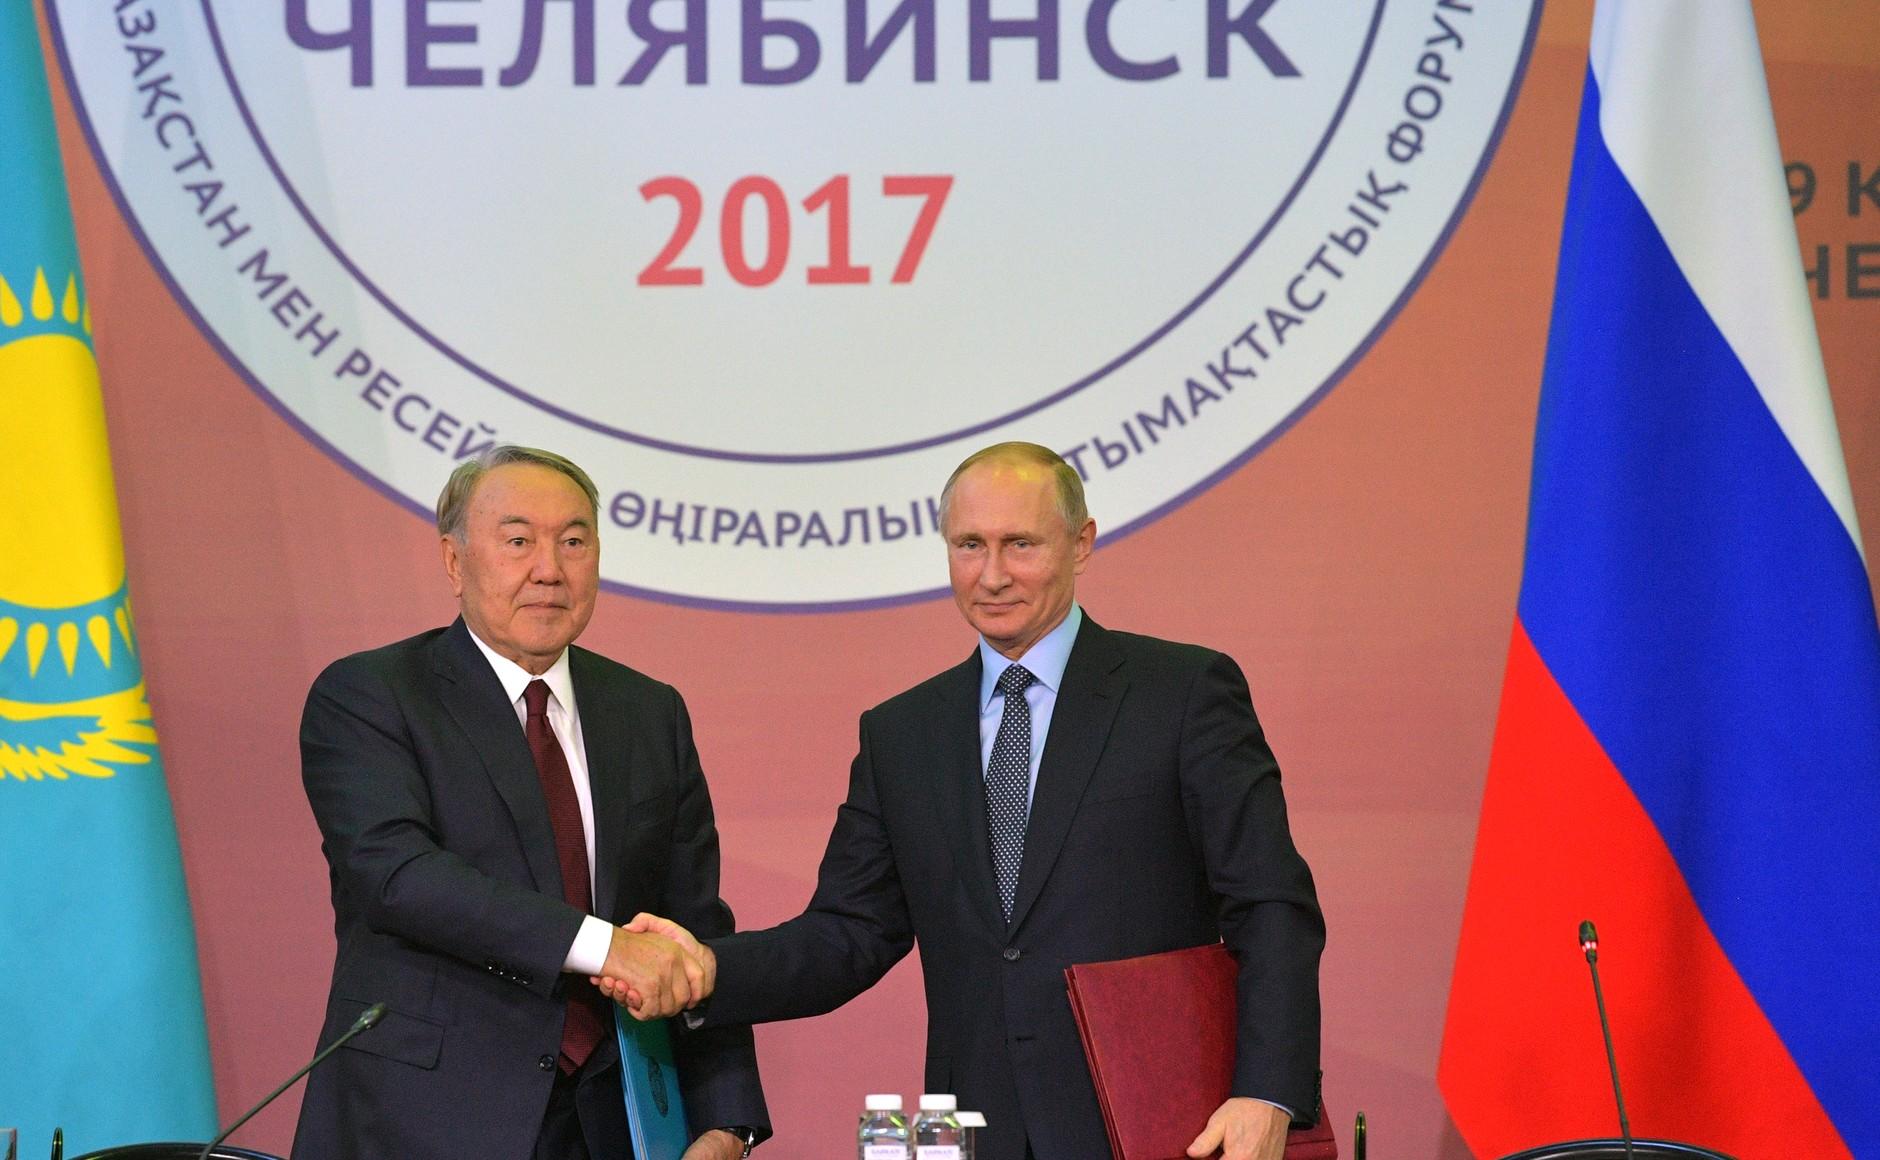 Об этом главы двух государств заявили 9 ноября на пленарной сессии ХIV Форума межрегионального со